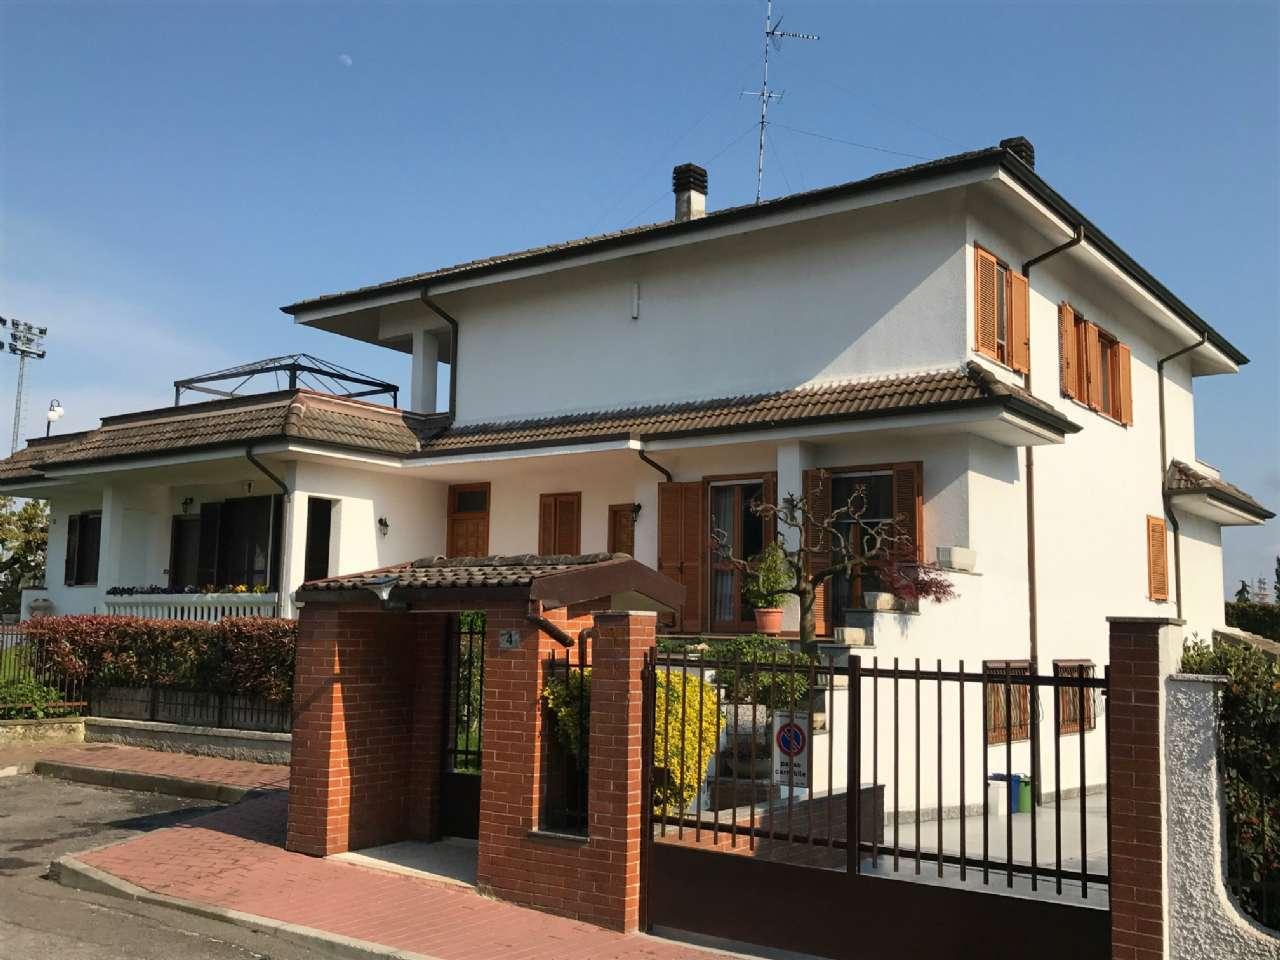 Appartamento in vendita a Assago, 3 locali, prezzo € 390.000 | CambioCasa.it